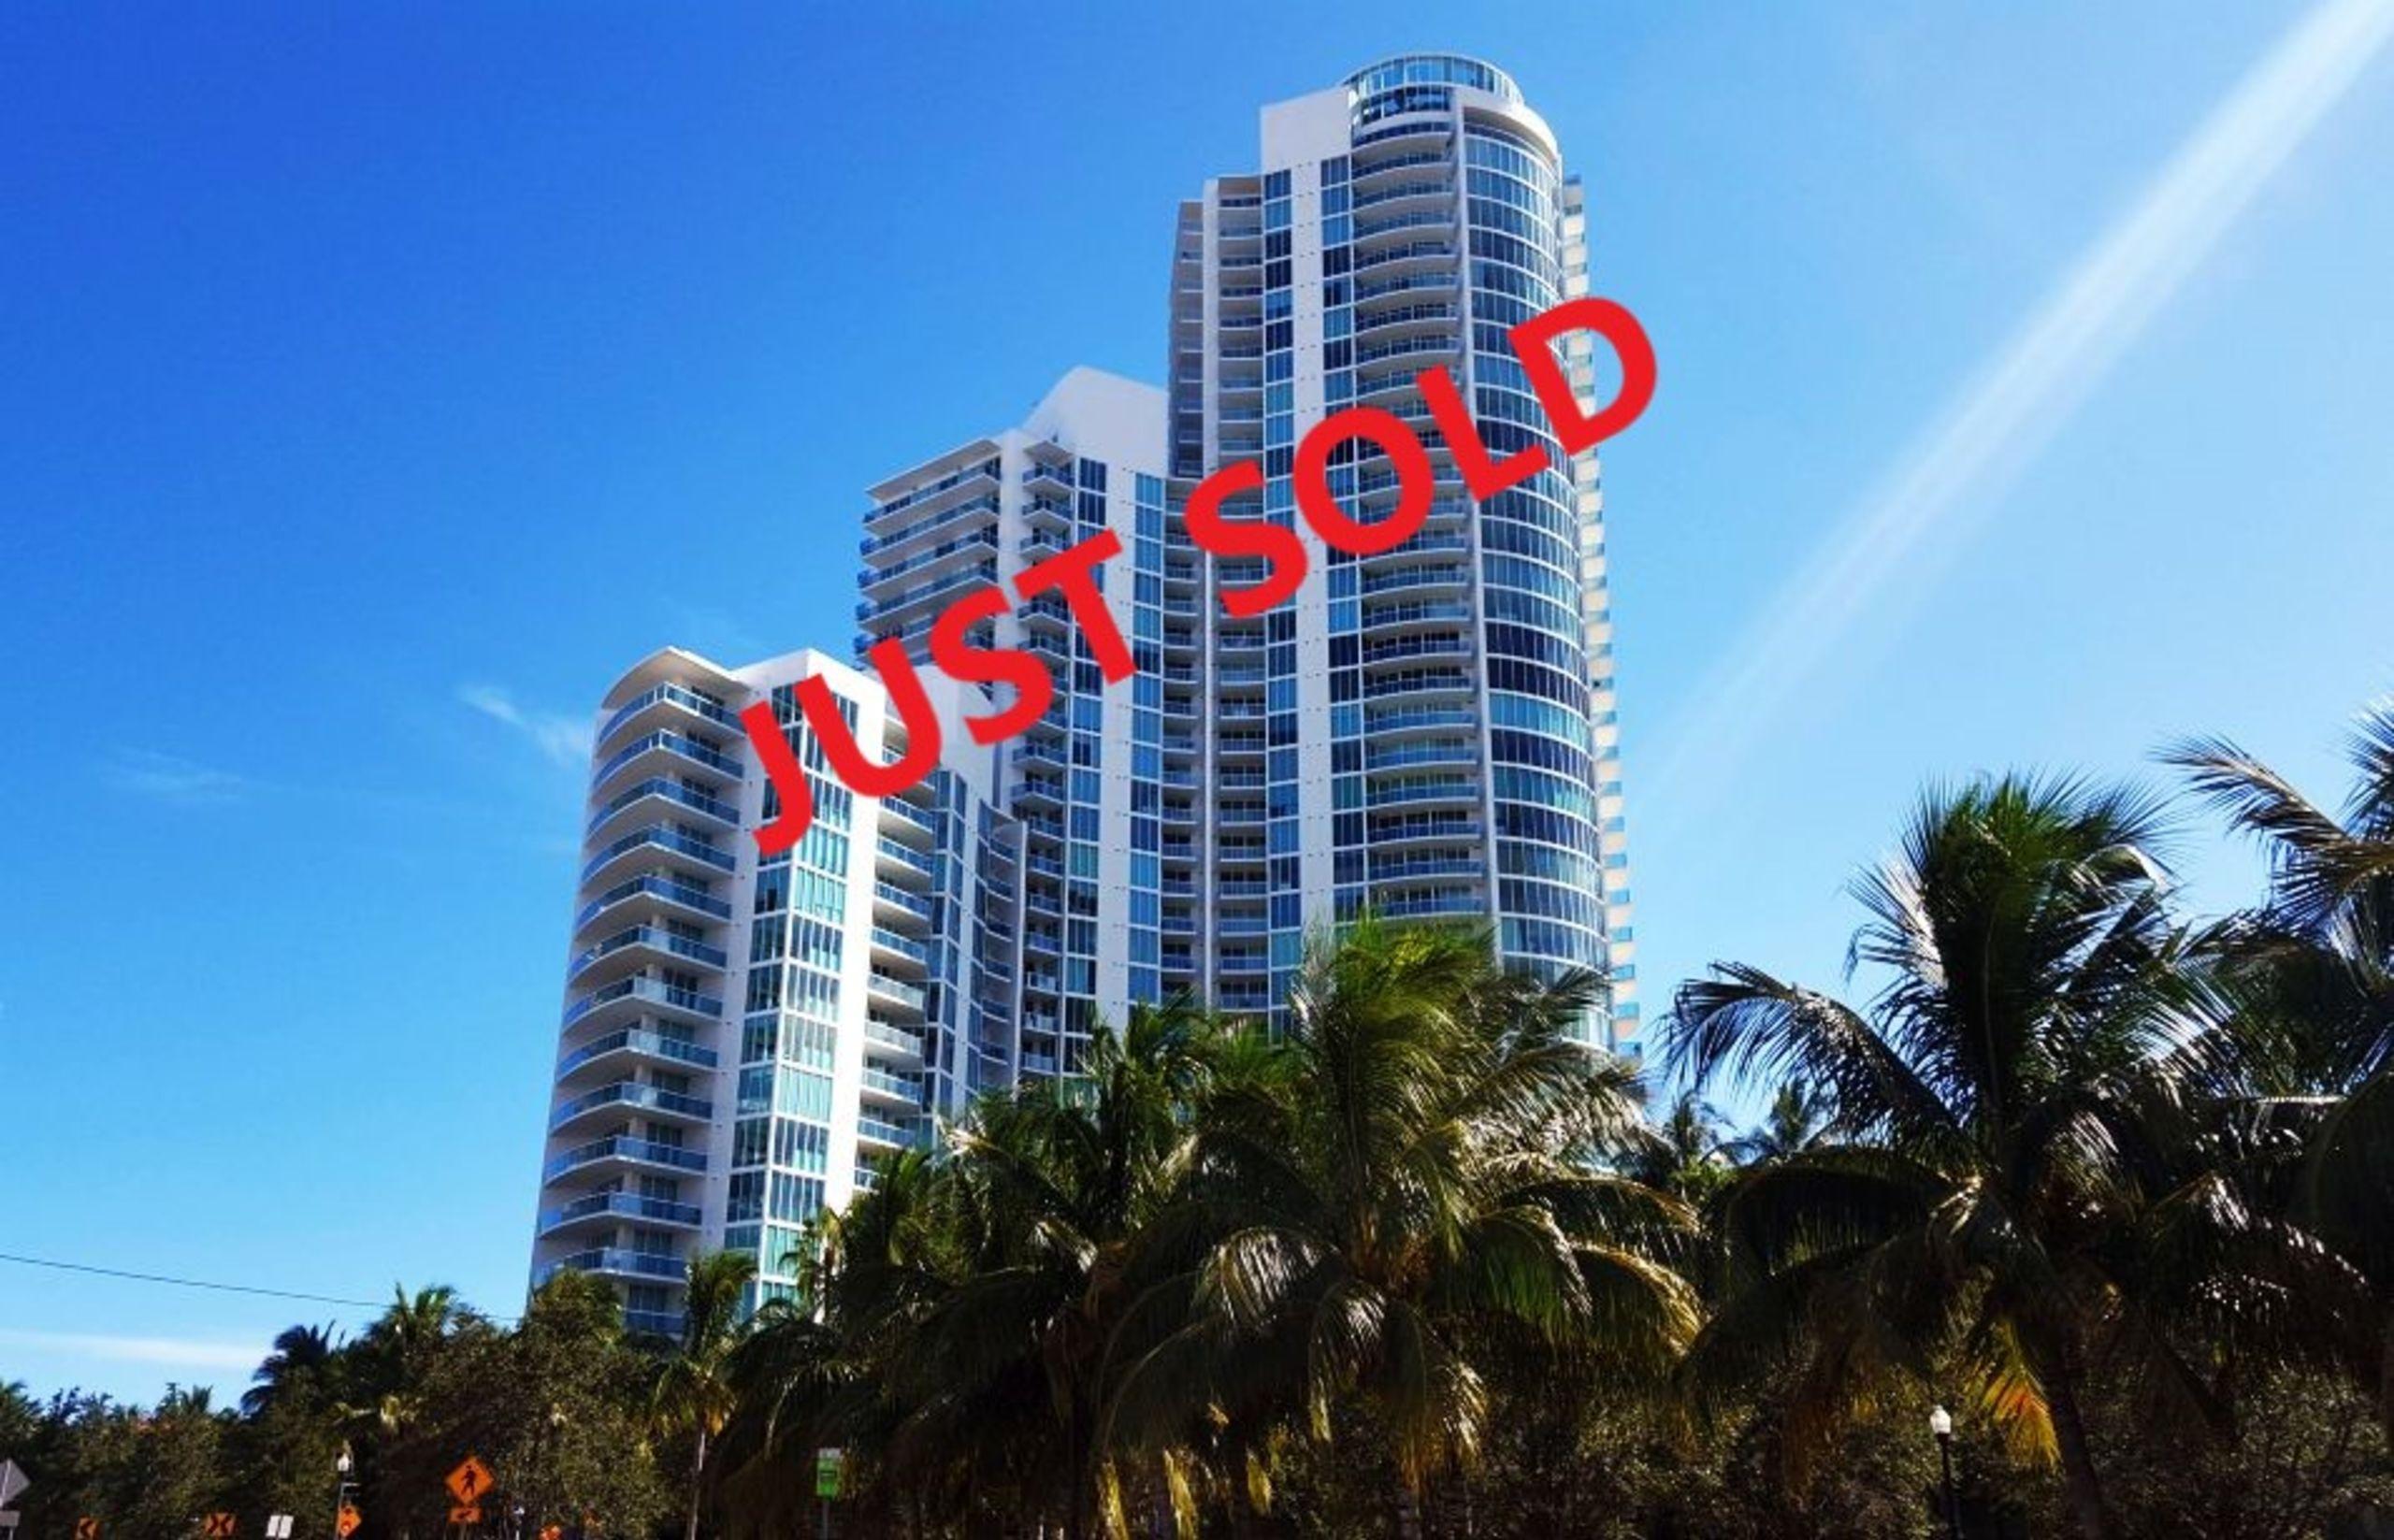 Murano-Portofino ~ SOLD ~ 1000 S Pointe Dr, Apt 1107, Miami Beach, FL 33179 | $1,680,000